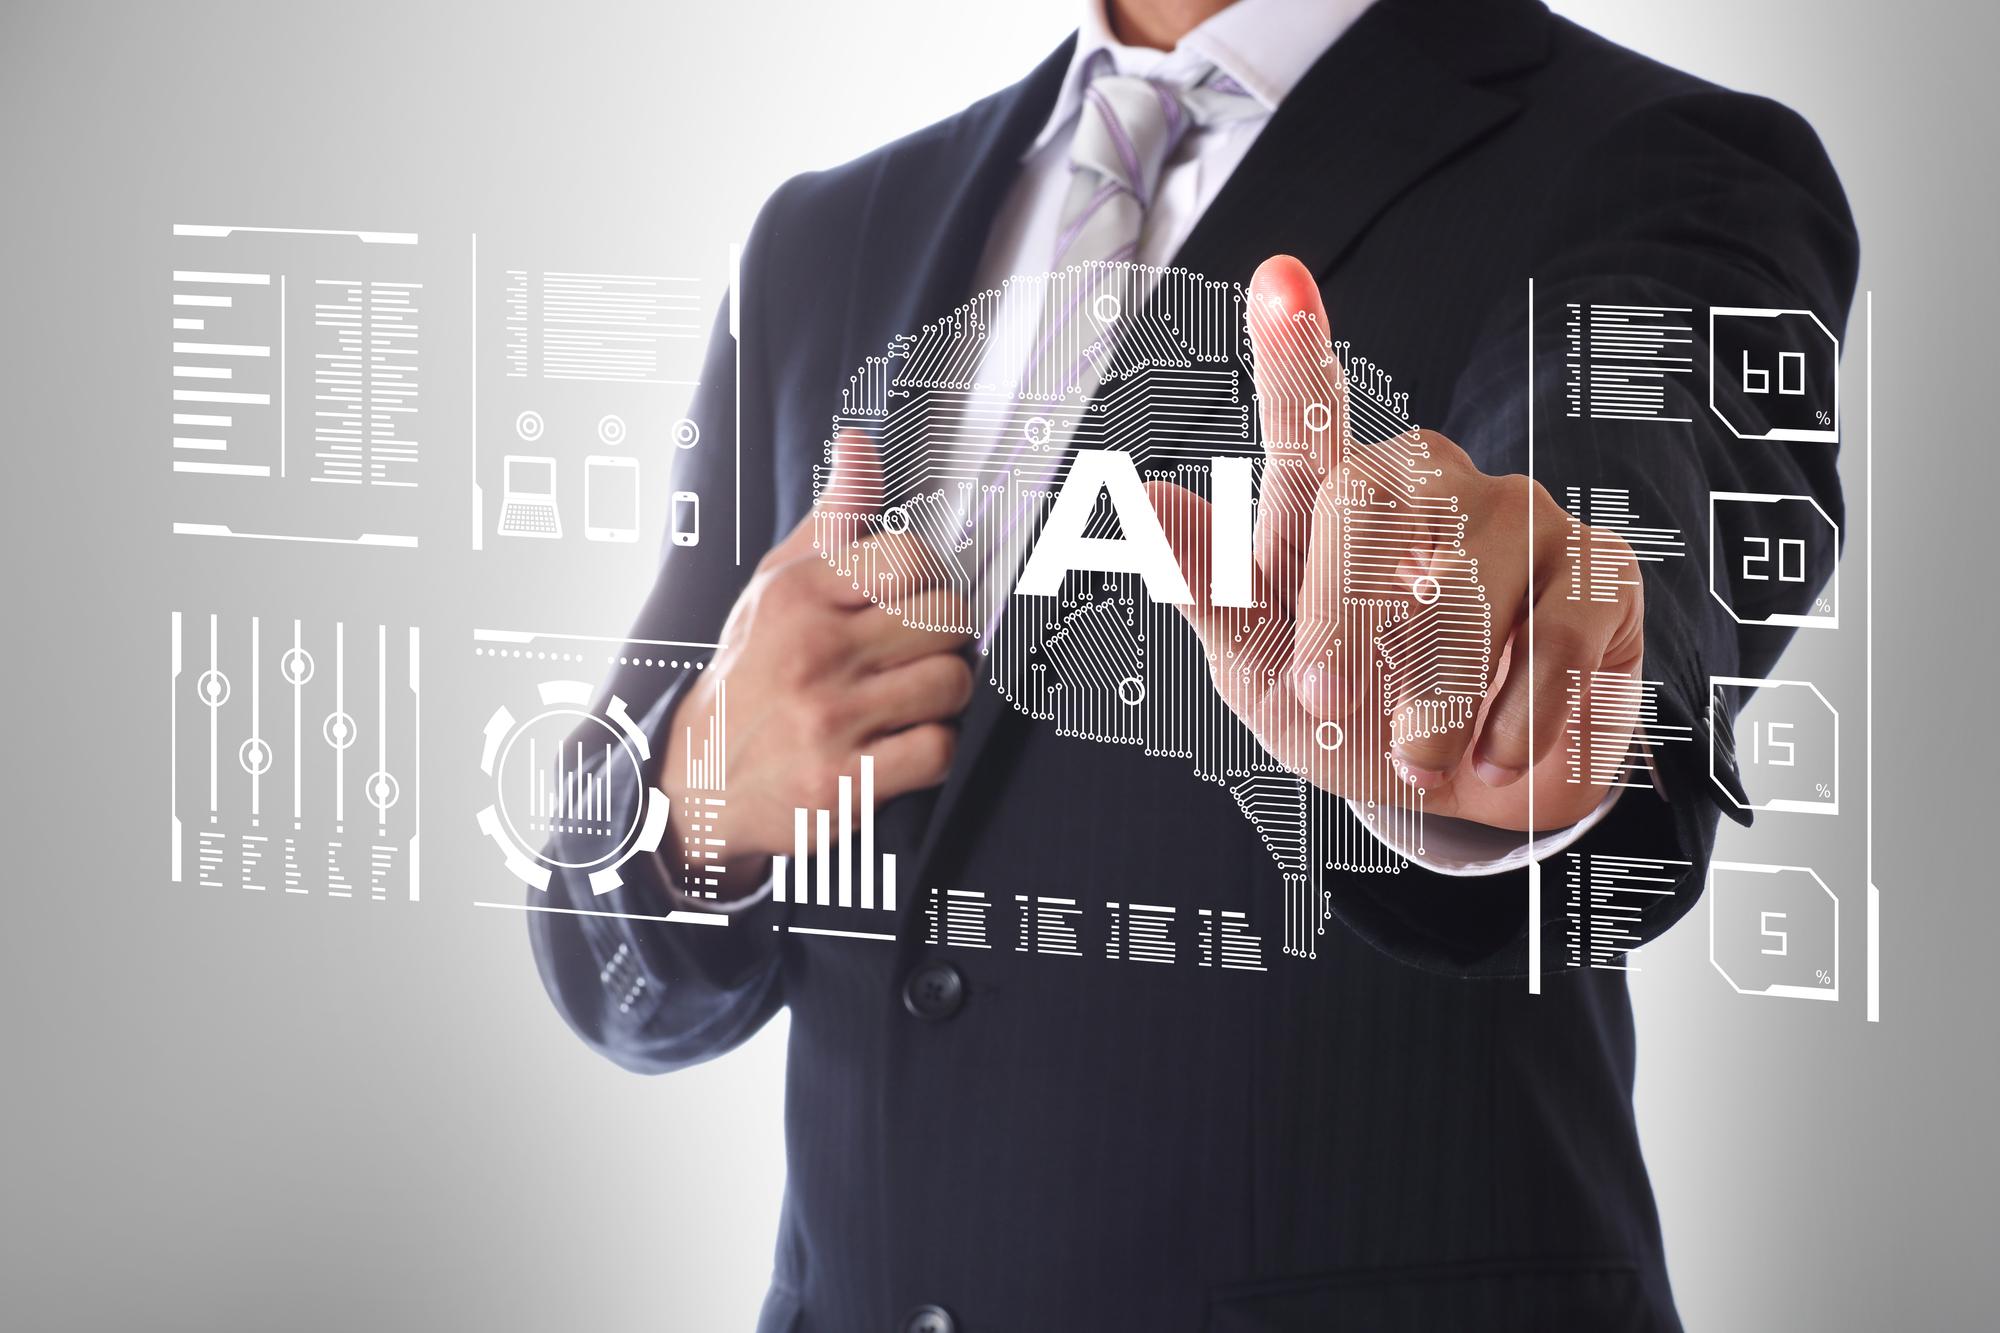 【AIに代替される仕事は多い?】将来エンジニアがAIに取って代わられる業務とはのアイキャッチイメージ